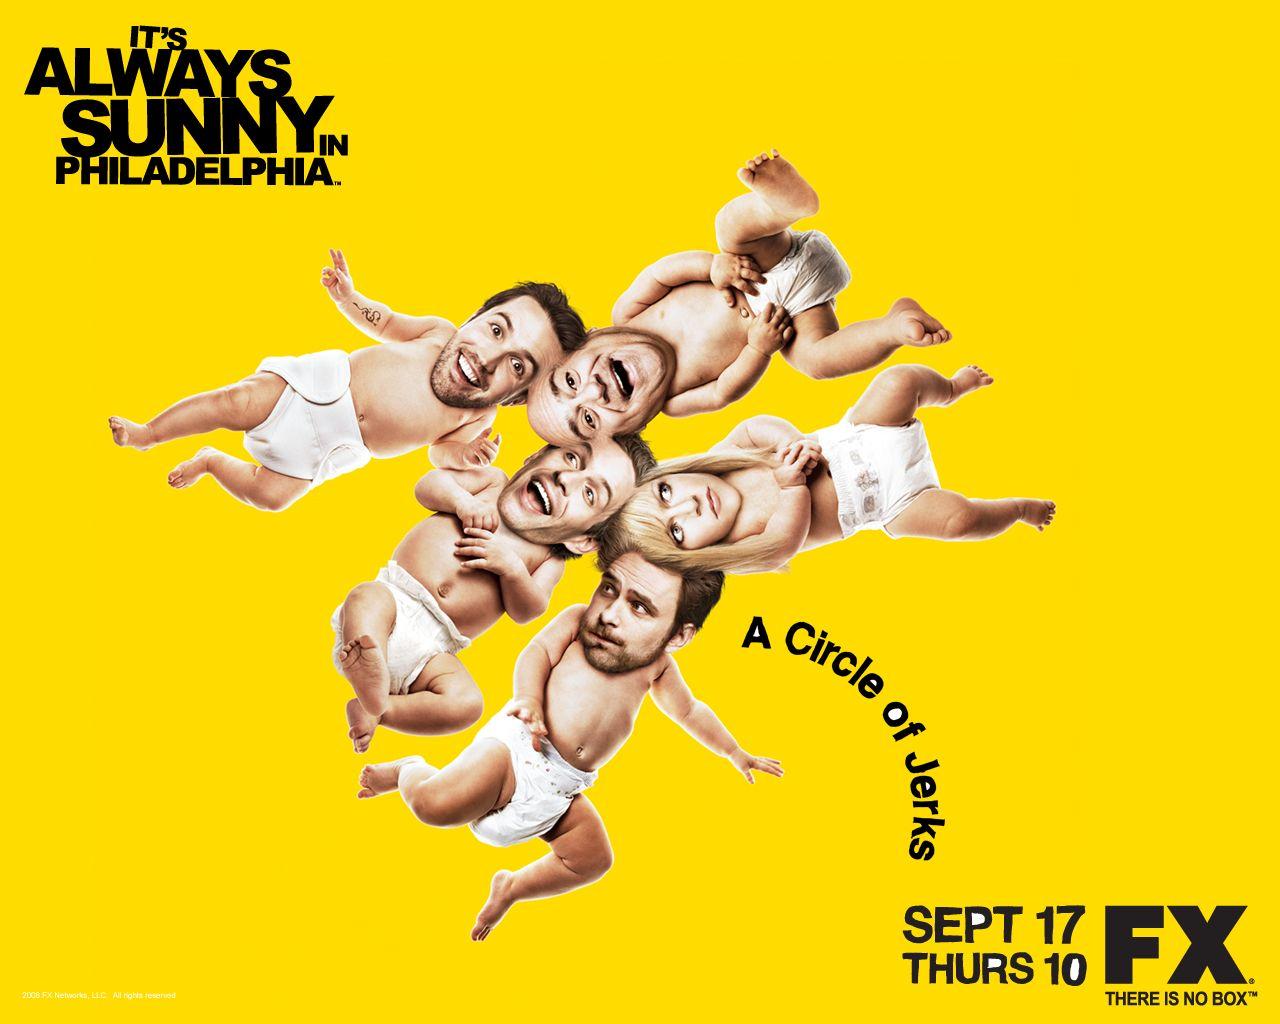 It S Always Sunny In Philadelphia Wallpaper It S Always Sunny In Philadelphia Wallpaper It S Always Sunny In Philadelphia It S Always Sunny Sunny In Philadelphia